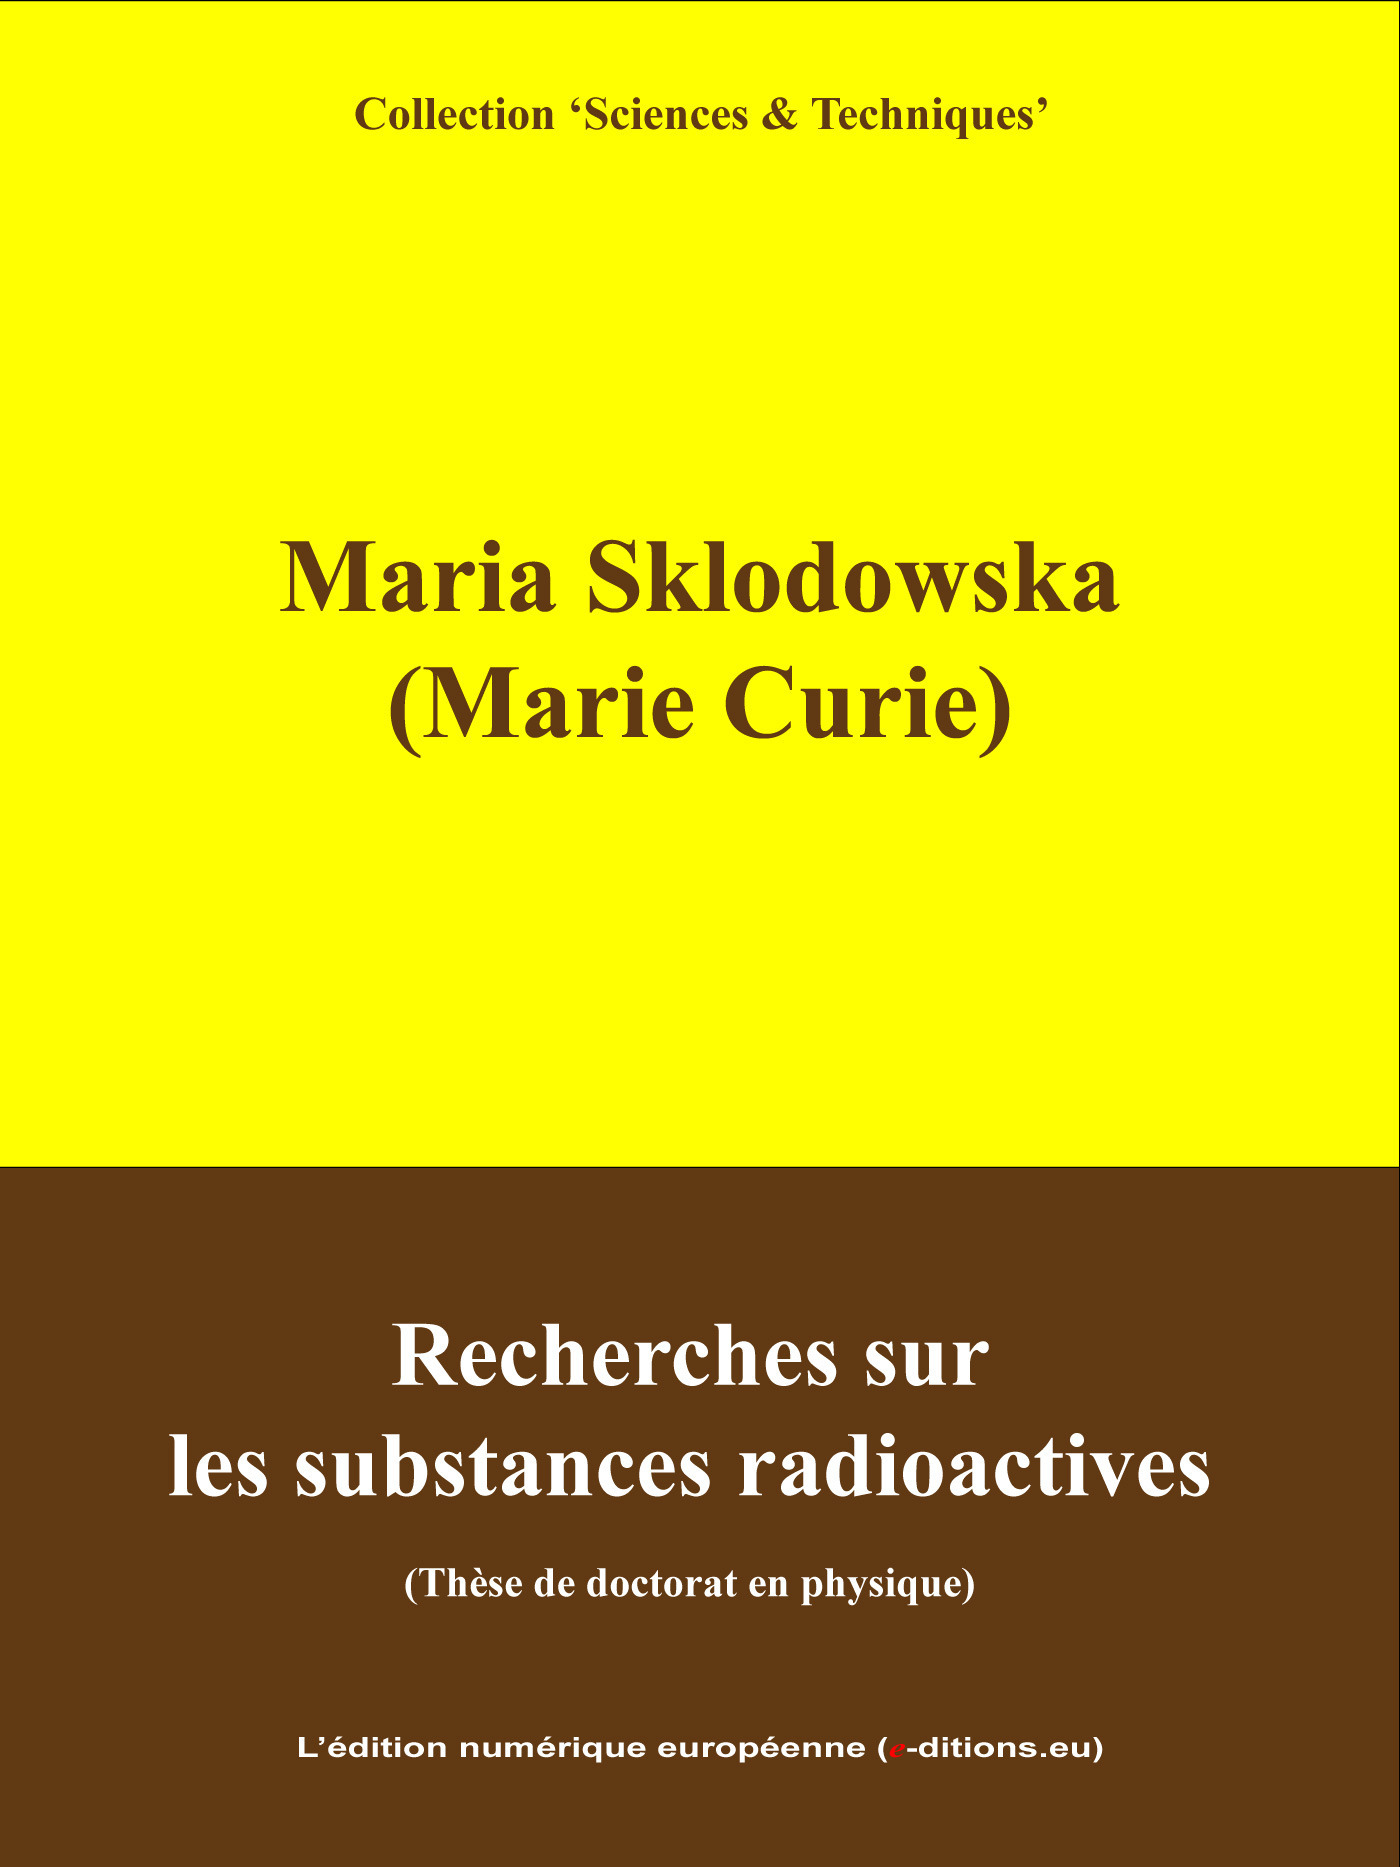 Recherche sur les substances radioactives